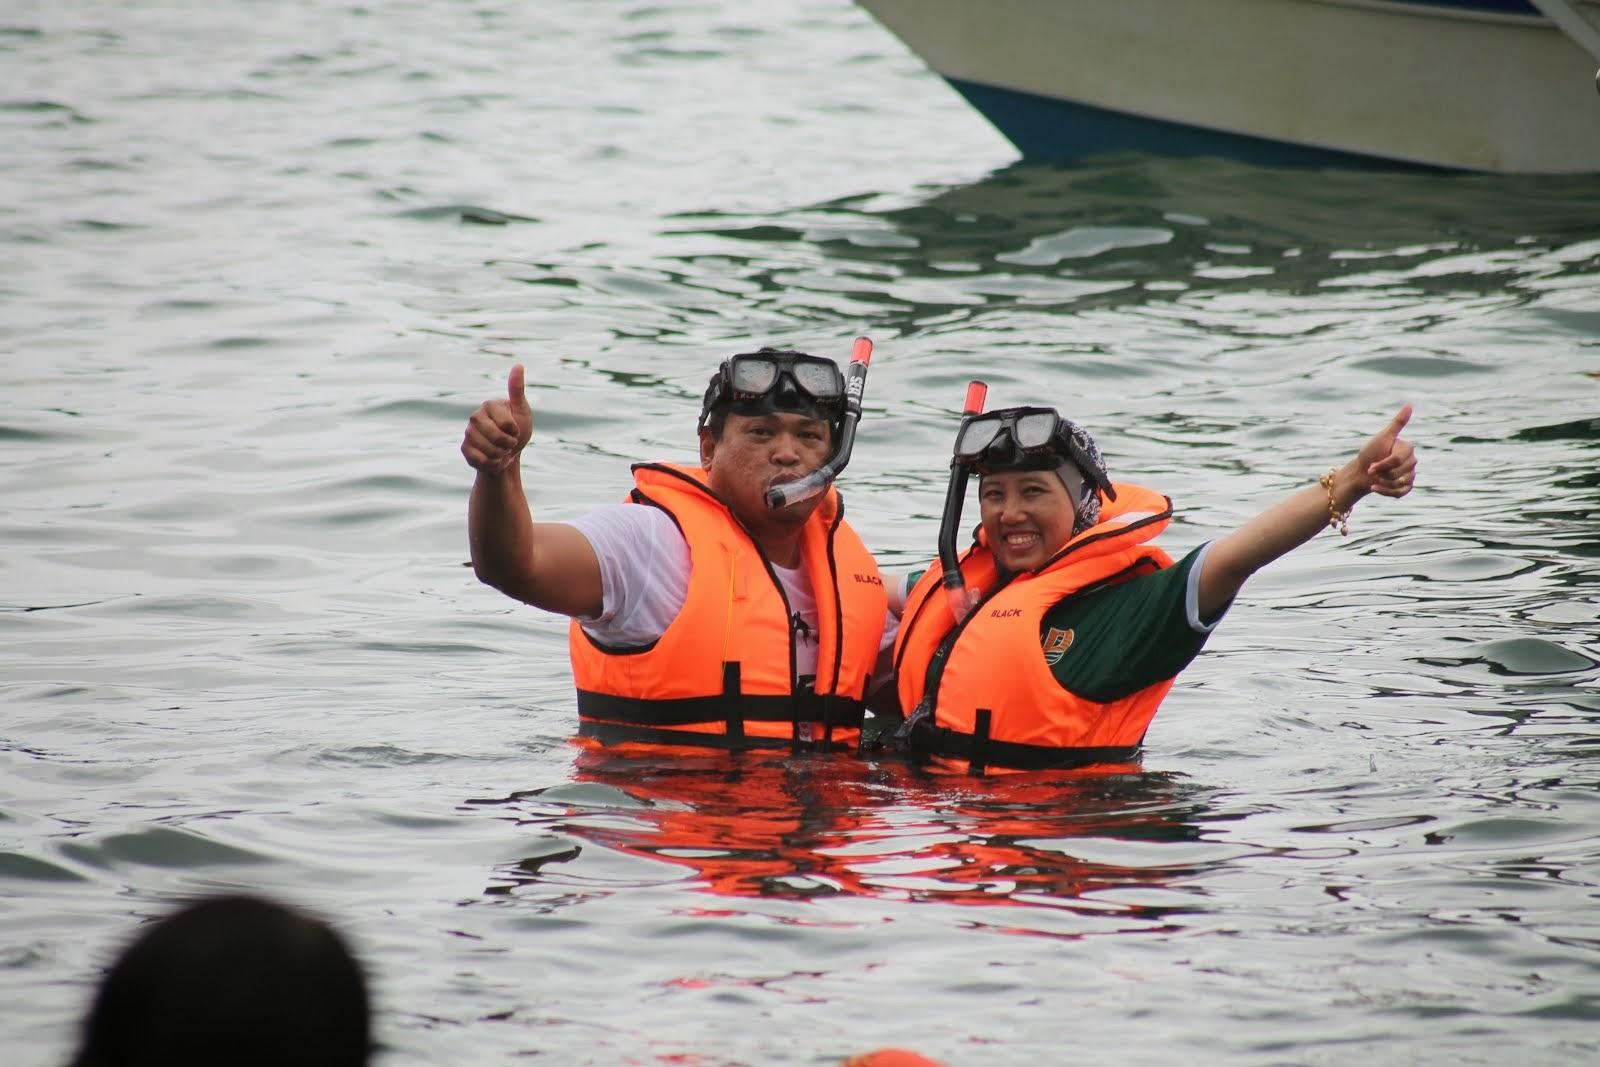 PANGKOR Island 2013